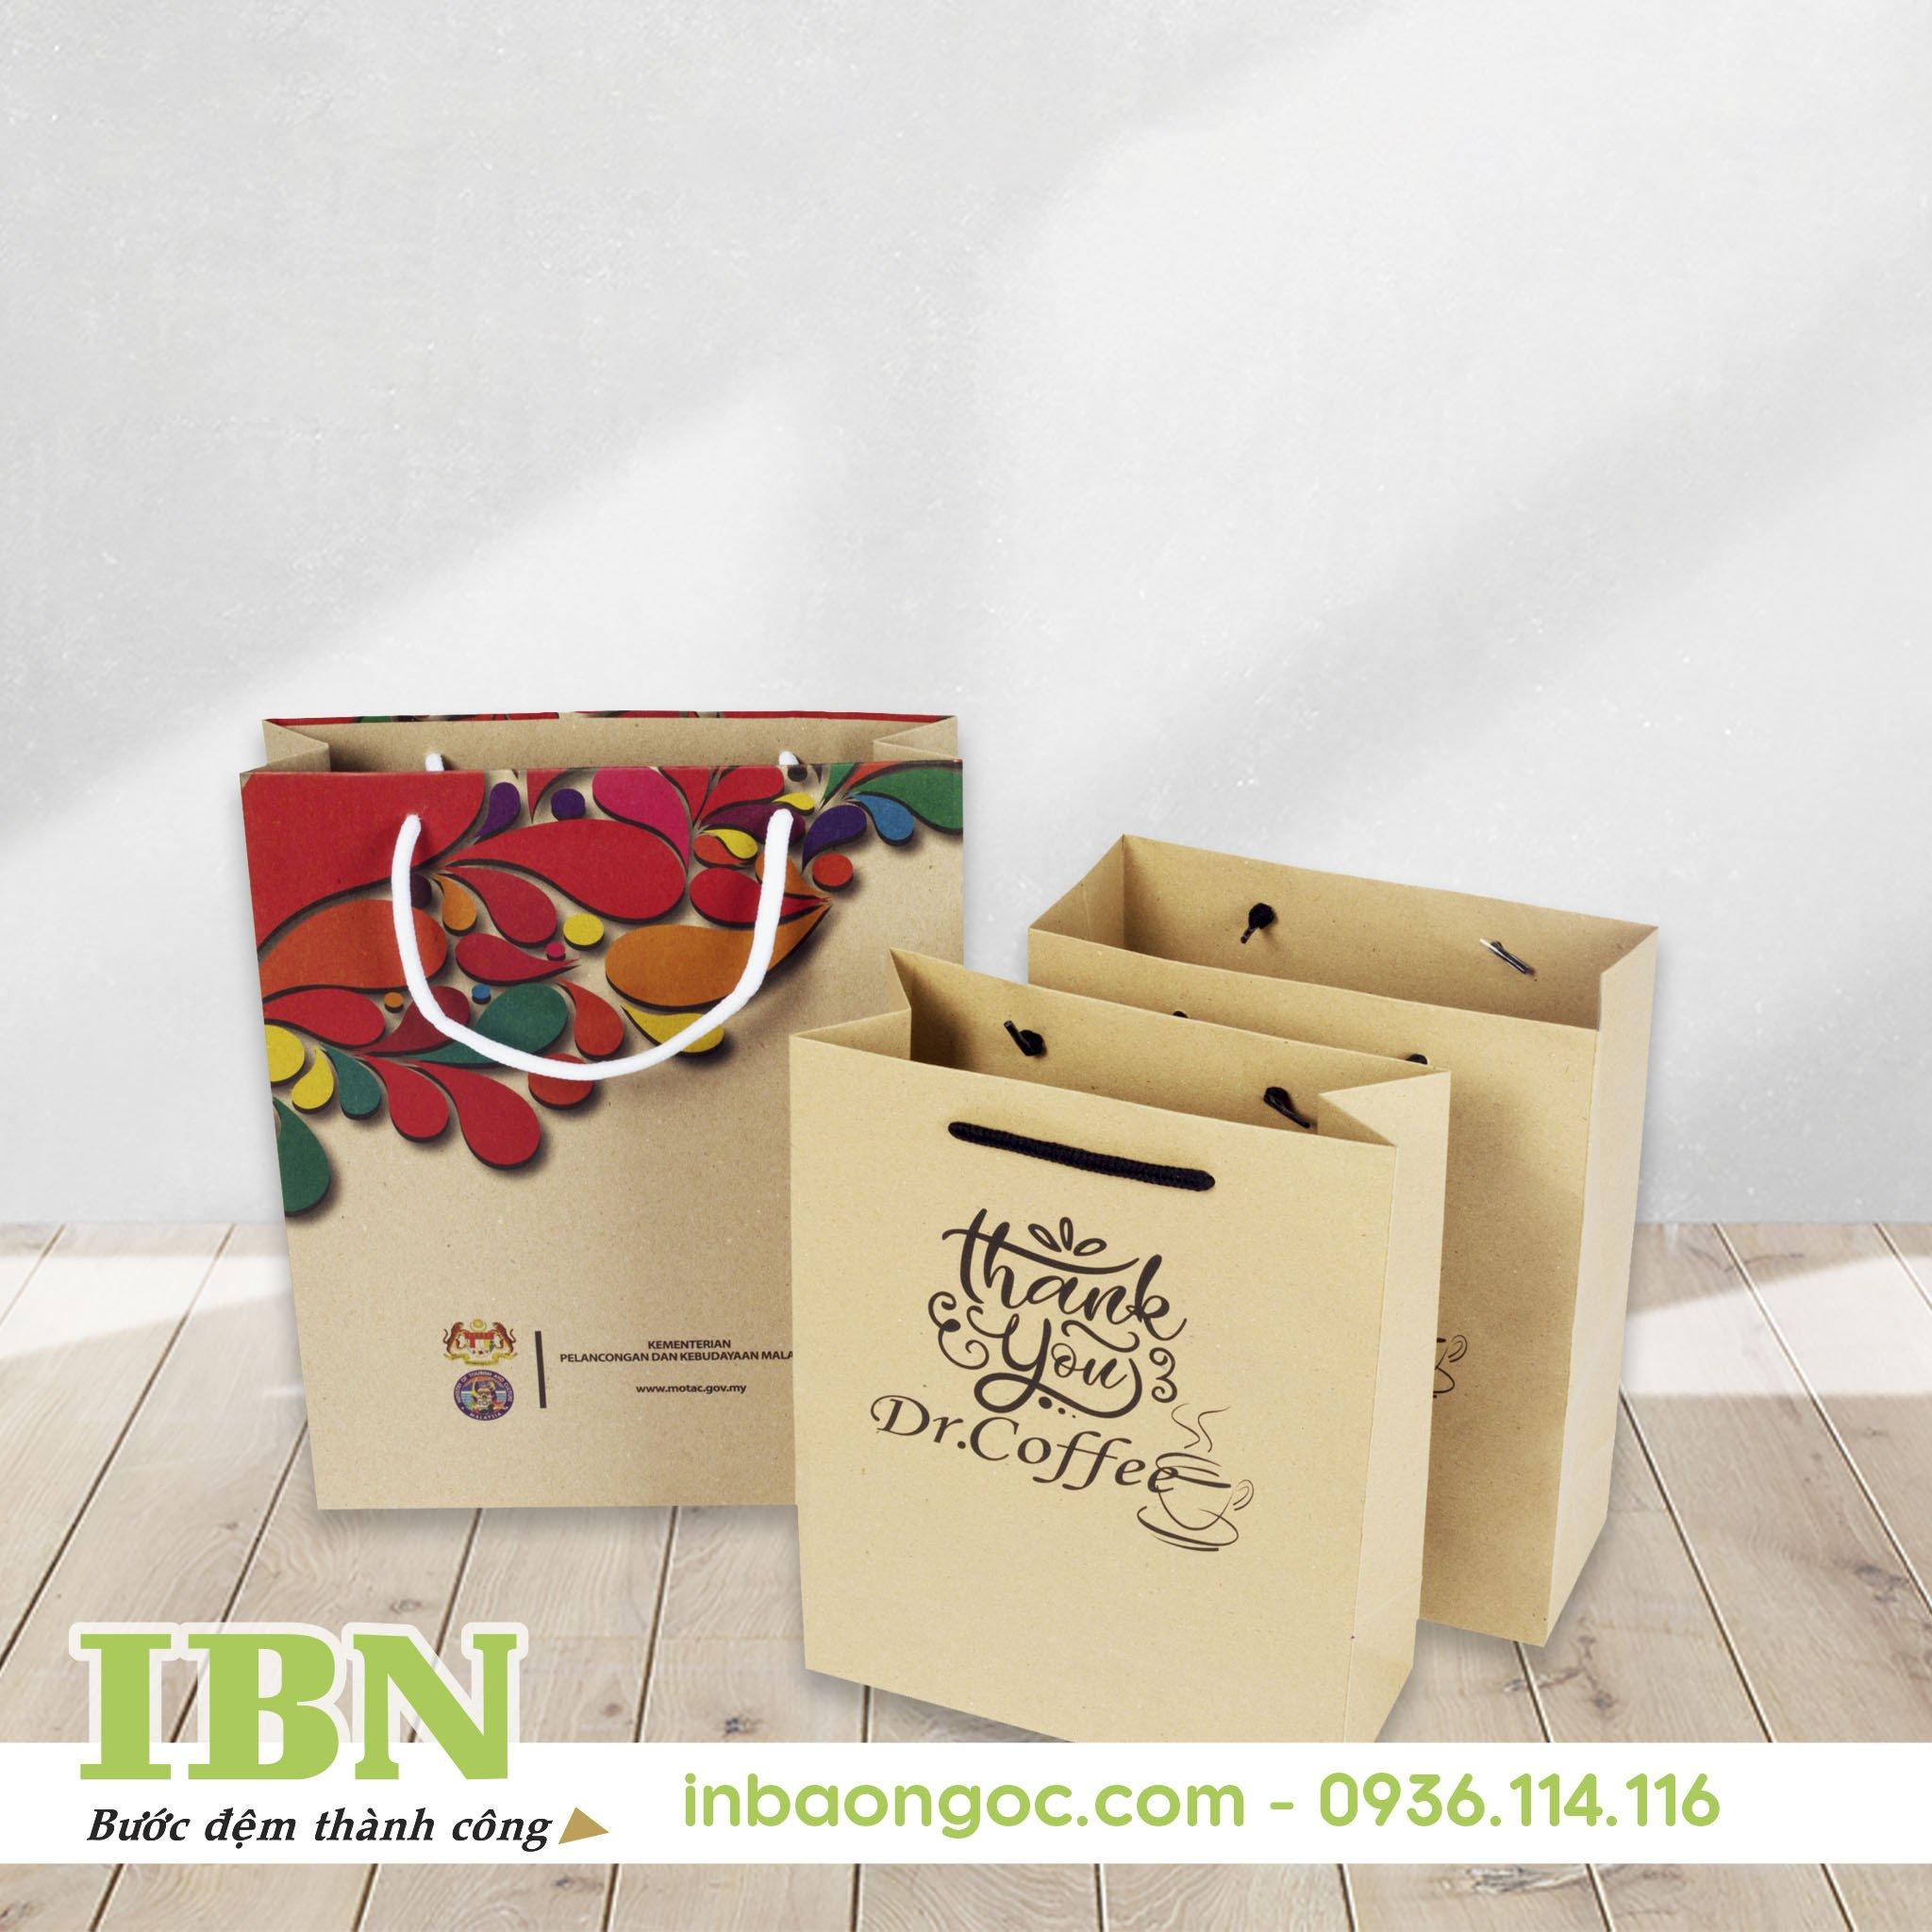 sản xuất túi giấy bảo vệ môi trường đẹp